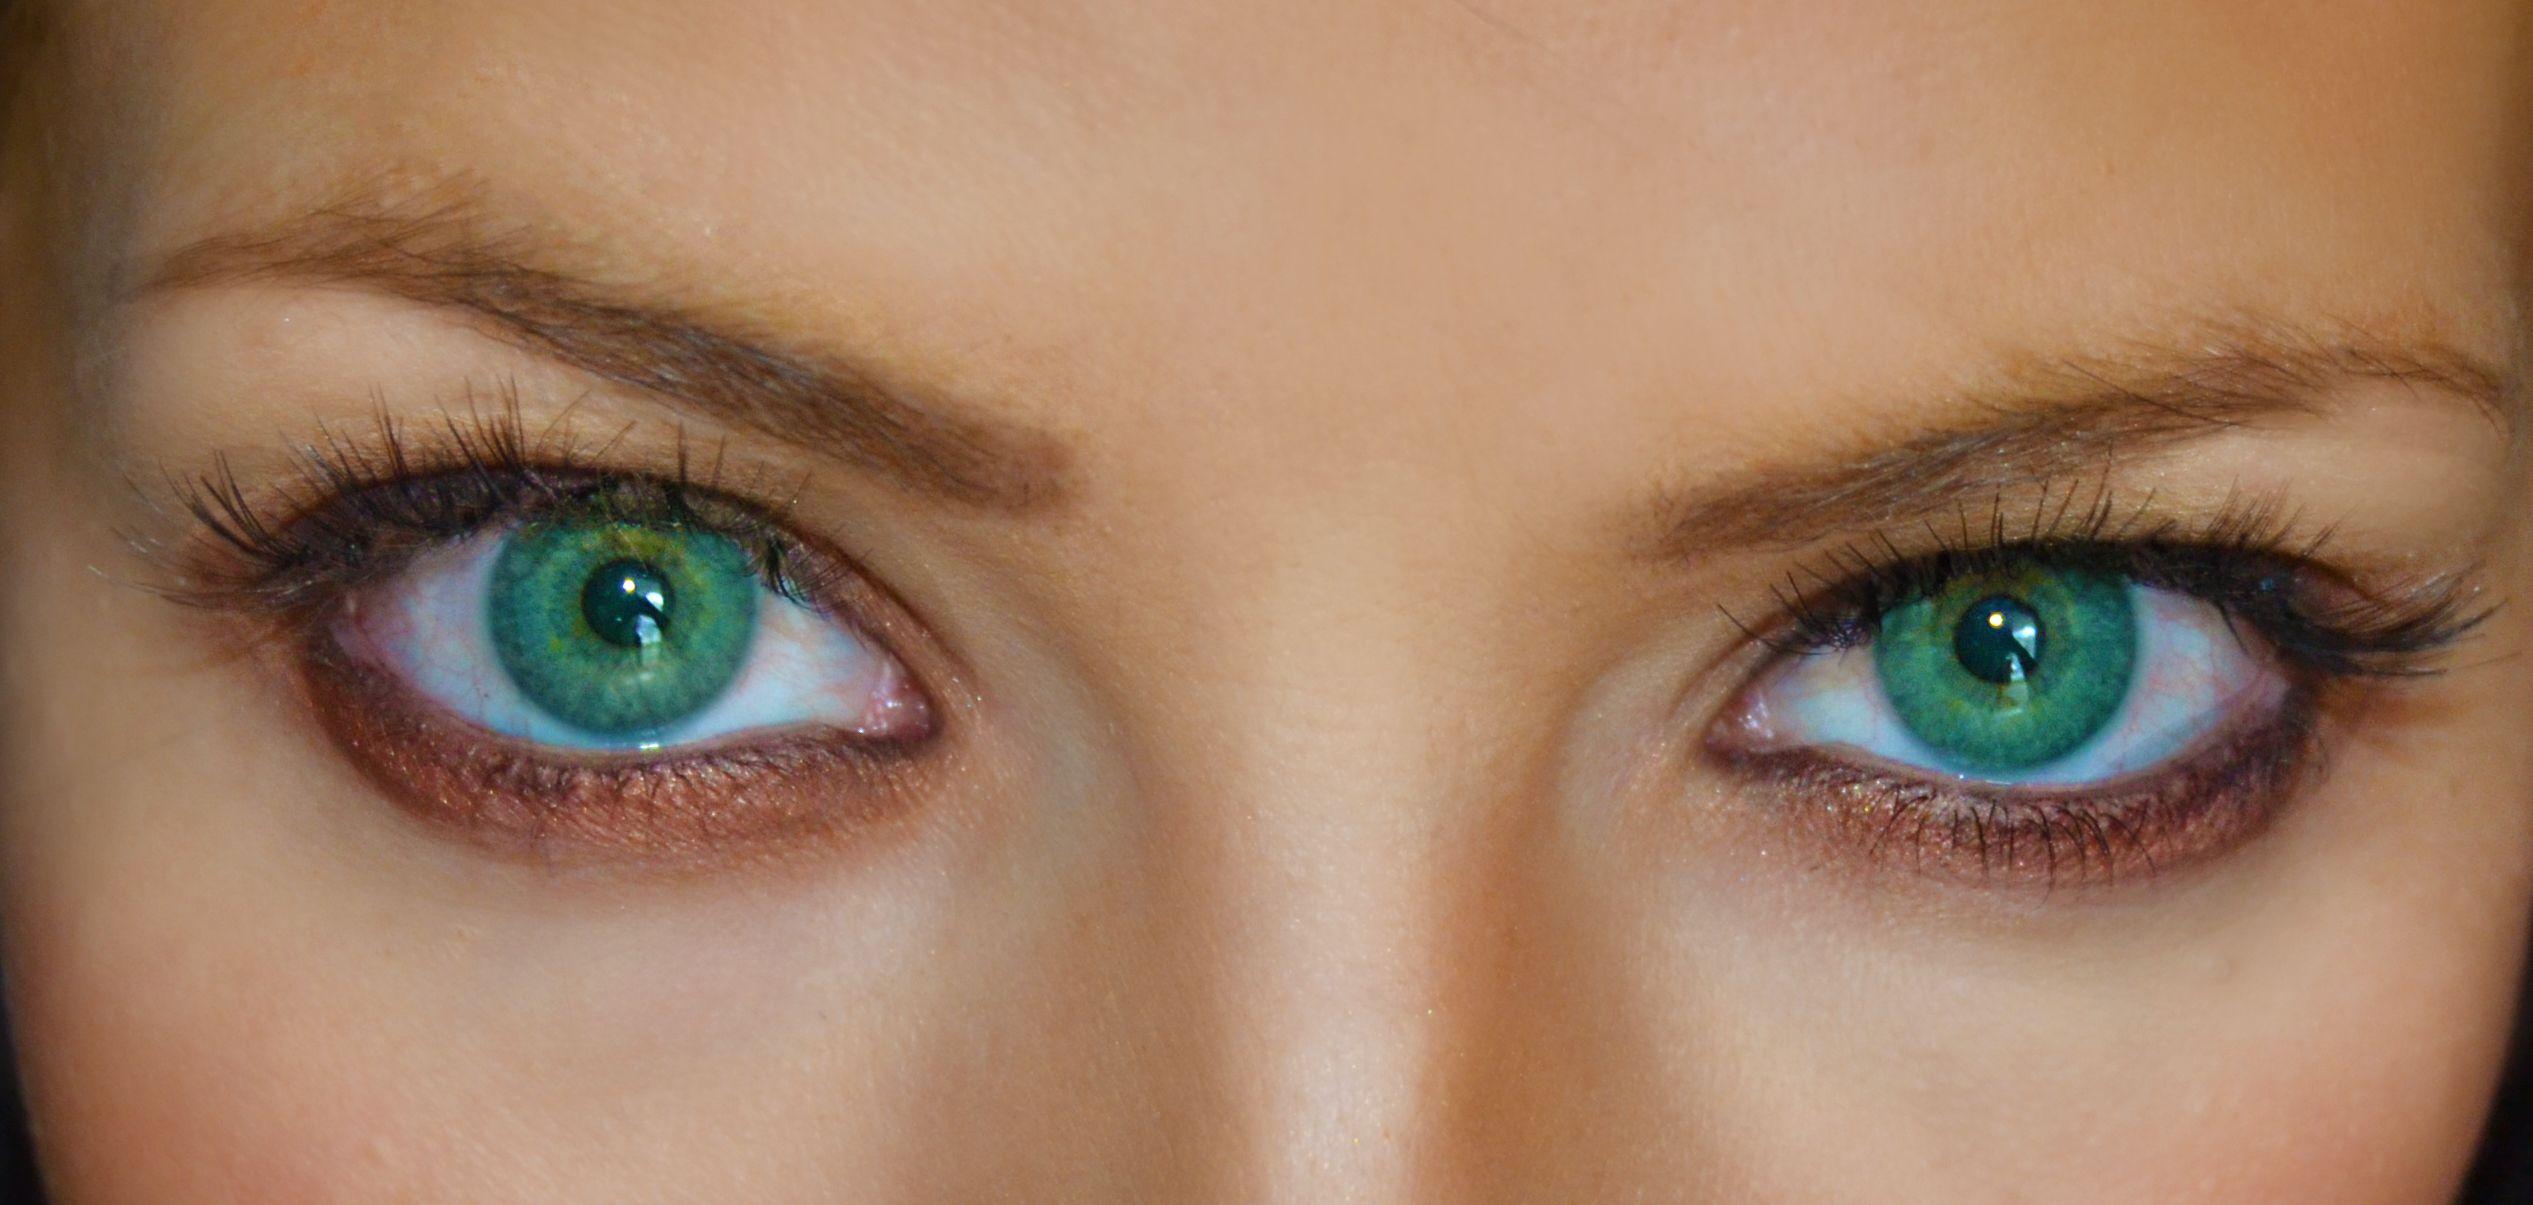 ярко зеленые глаза фото цвет морской волны таких